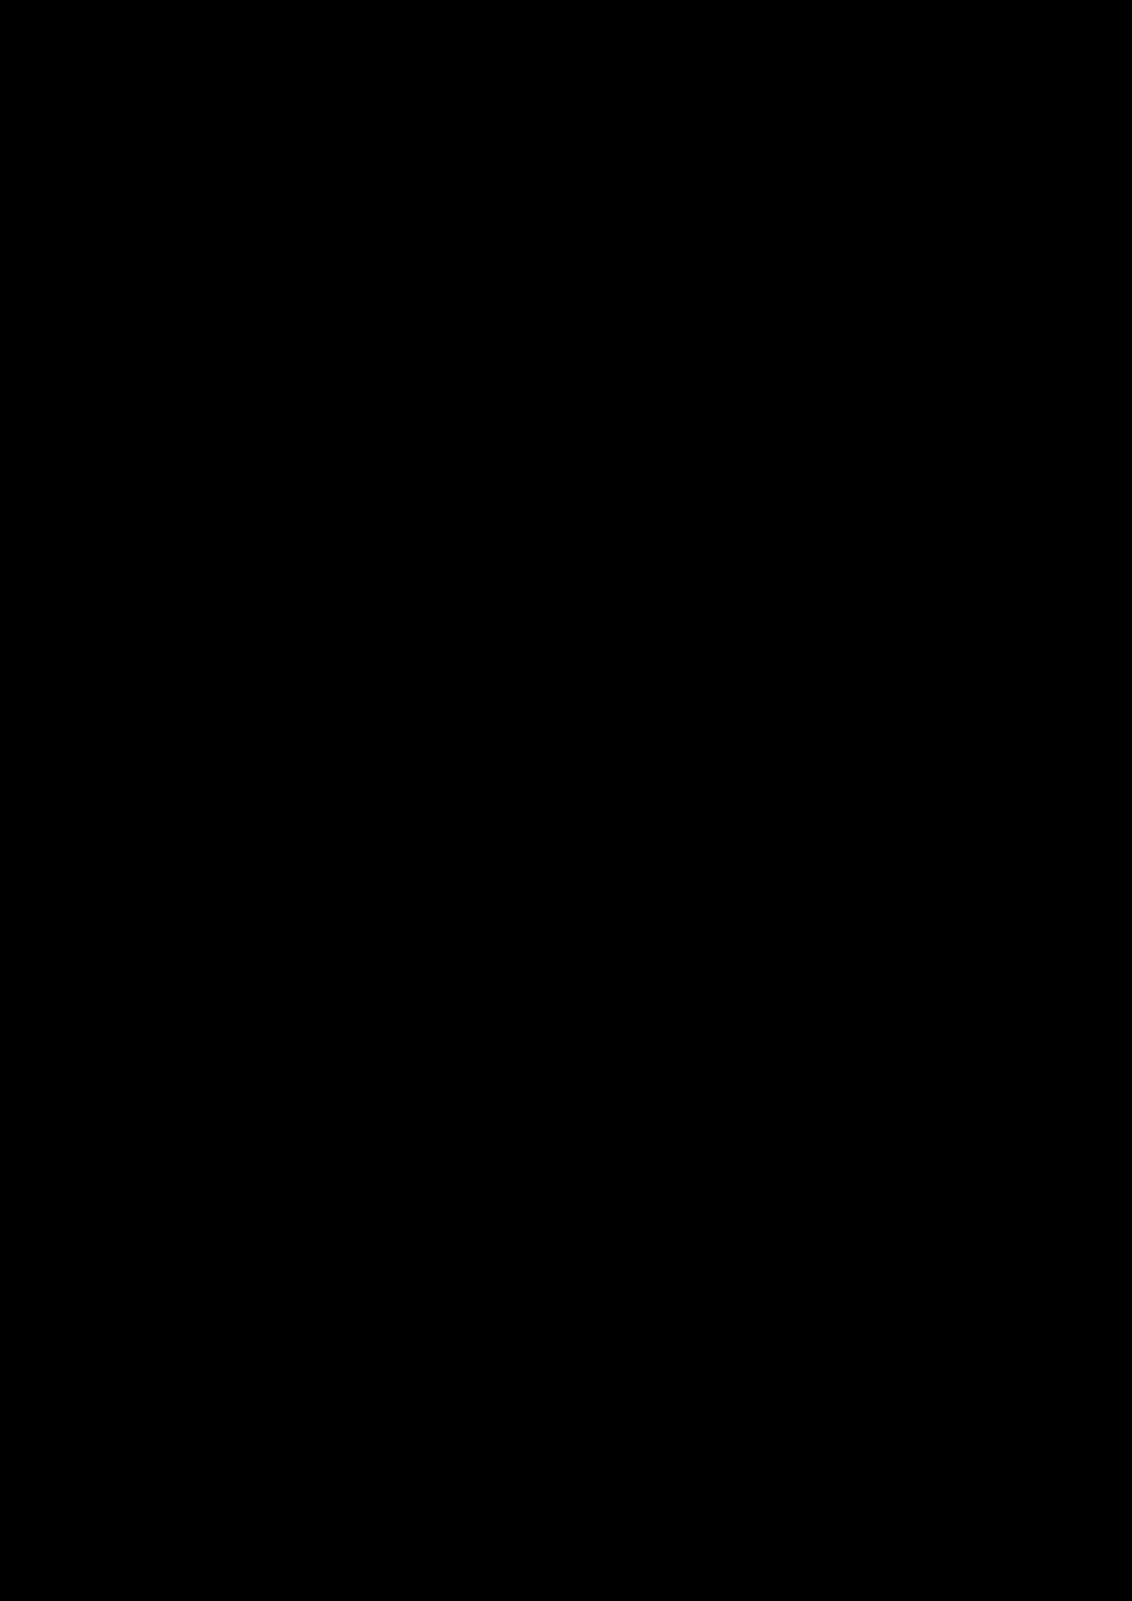 Vyibor Est slide, Image 68